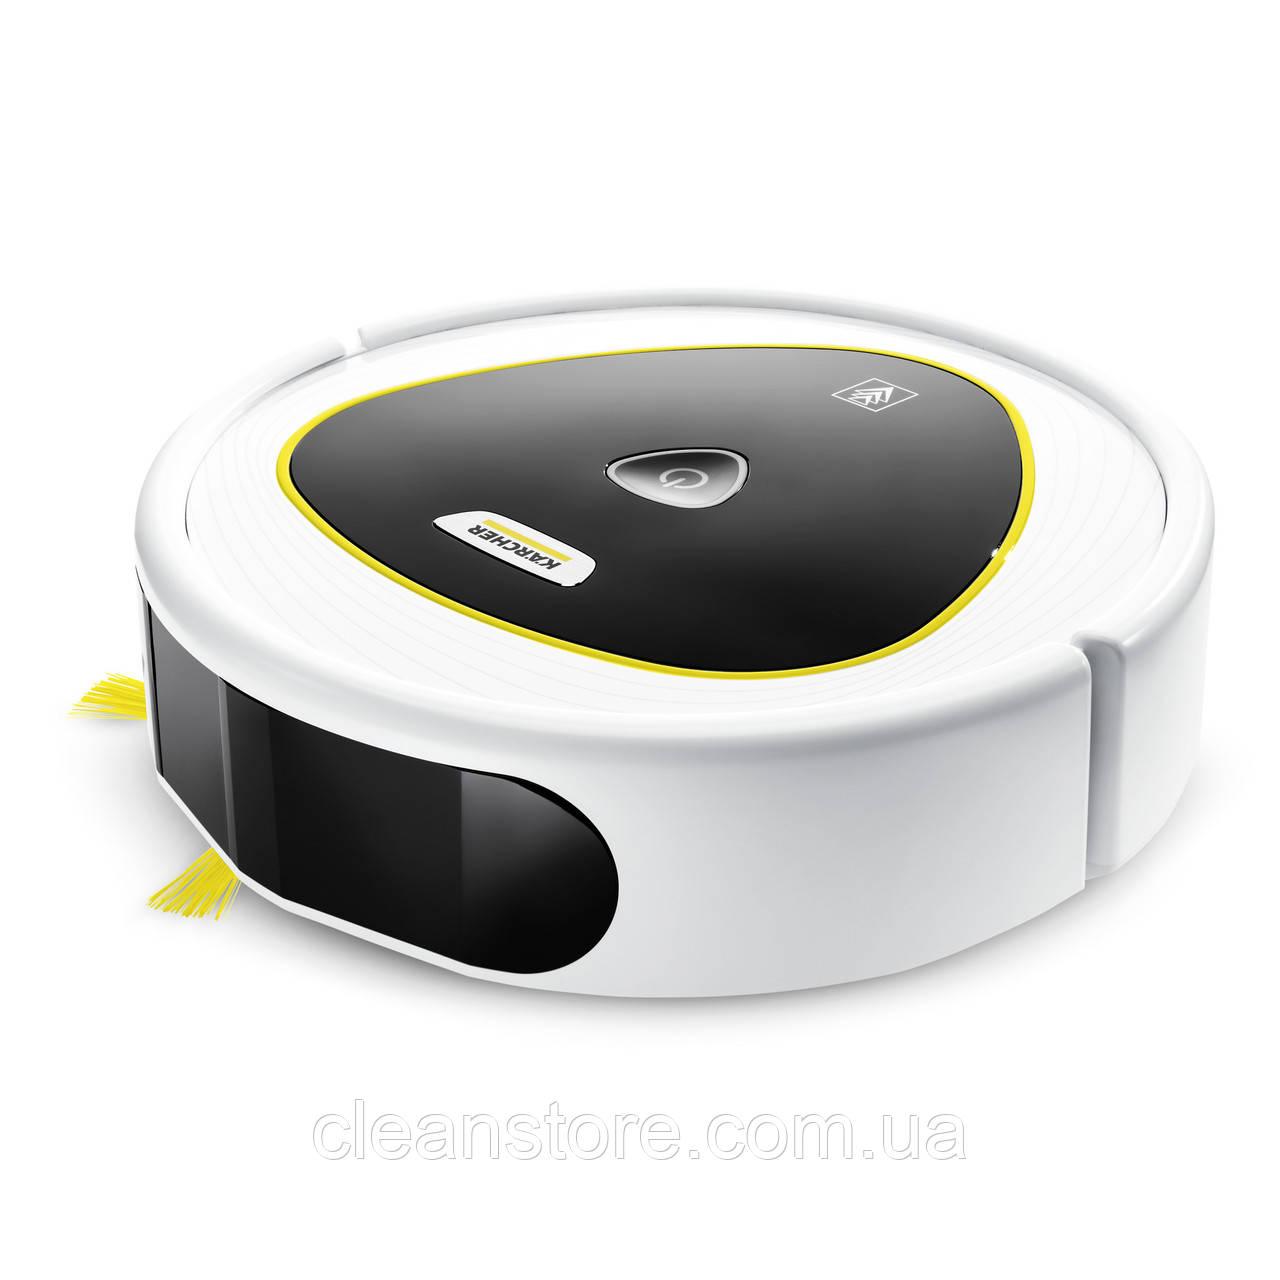 Робот-пылесос RC 3 Premium